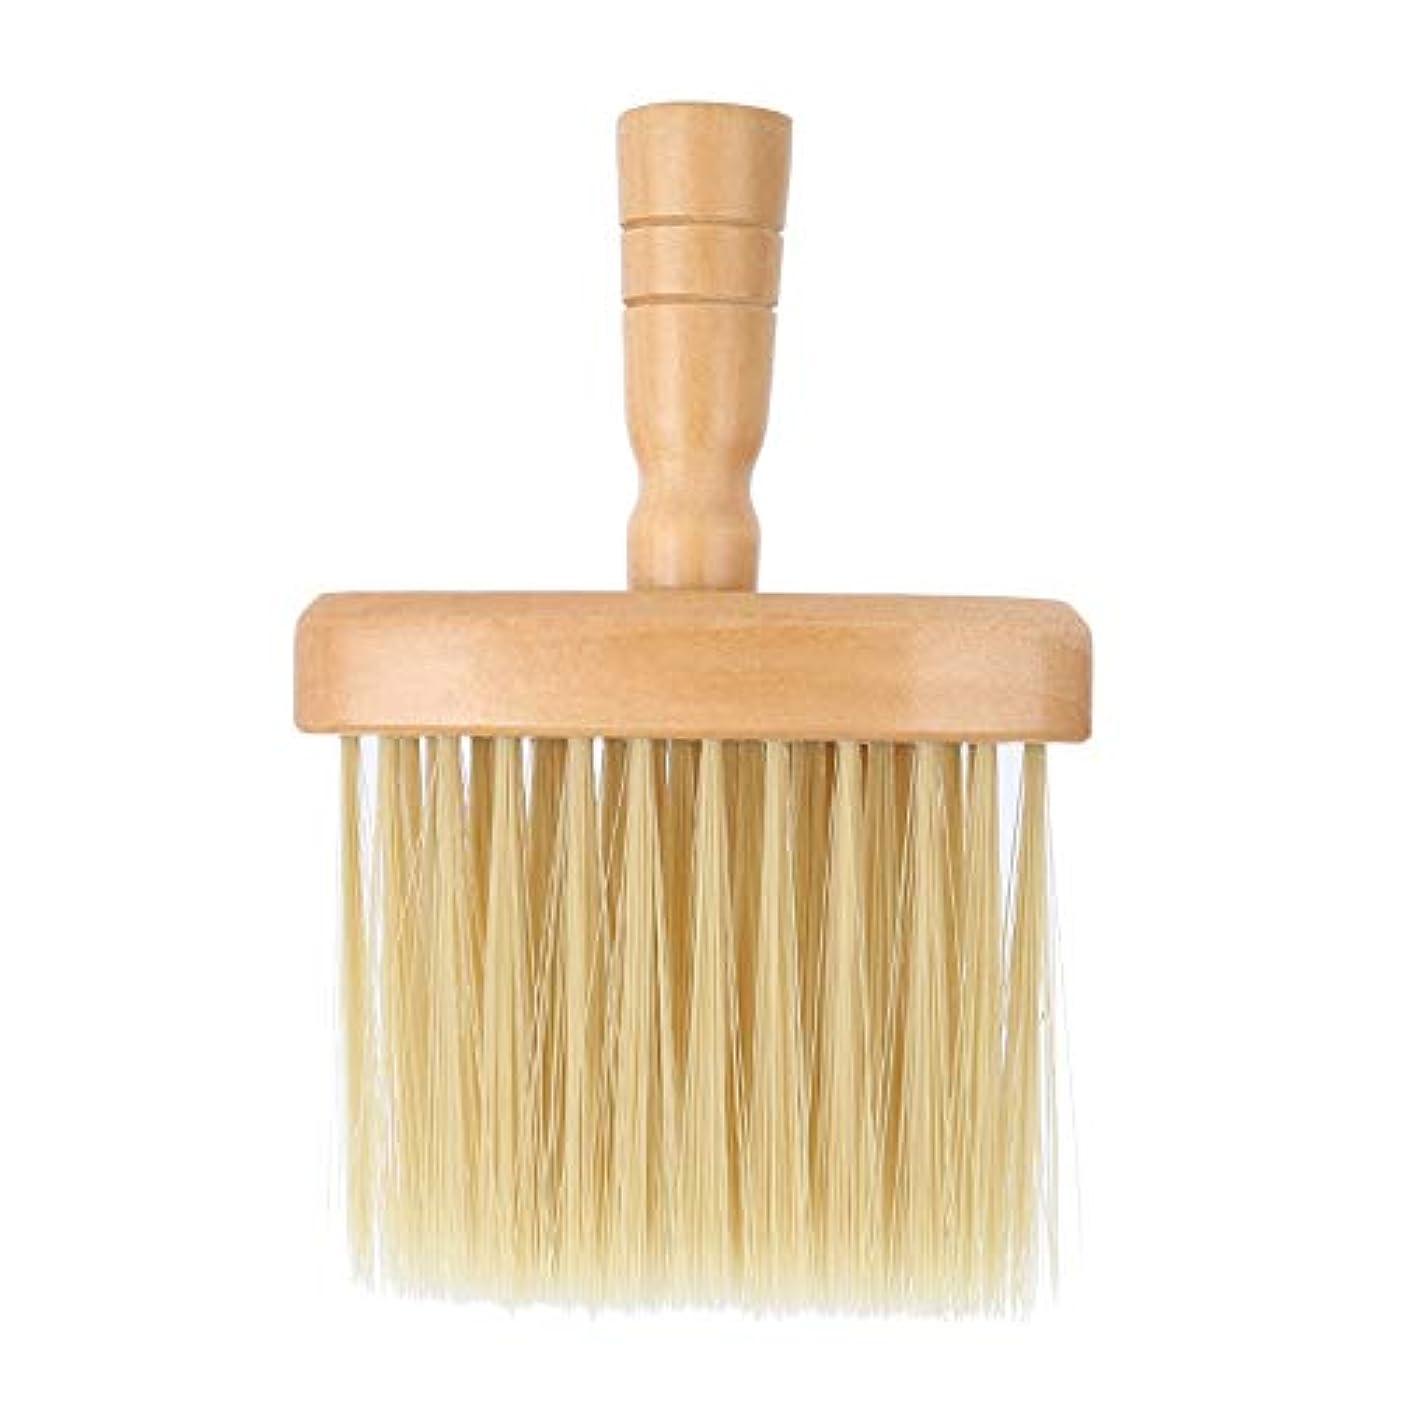 抽選欠点歌手ヘアカットブラシネックフェイスダスターブラシサロンヘアクリーニング木製掃除ブラシヘアカット理髪ツール